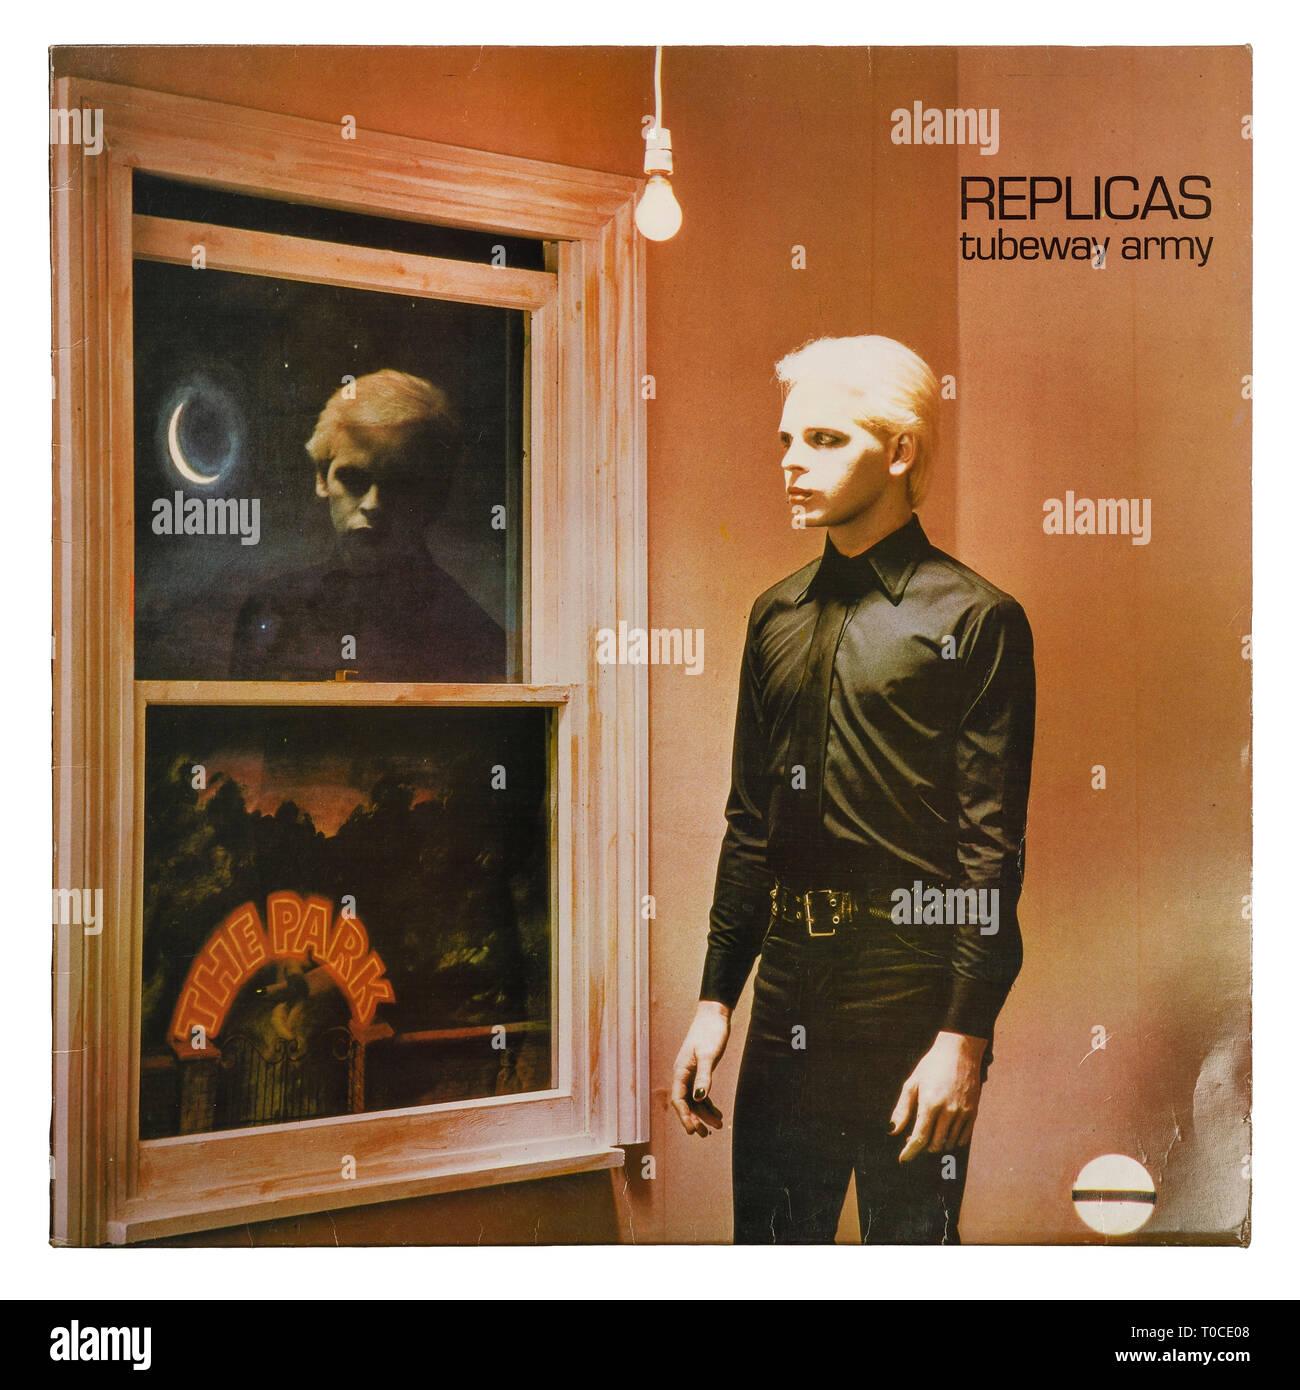 El album de vinilo manga para réplicas por Tubeway Army y Gary Numan Foto de stock